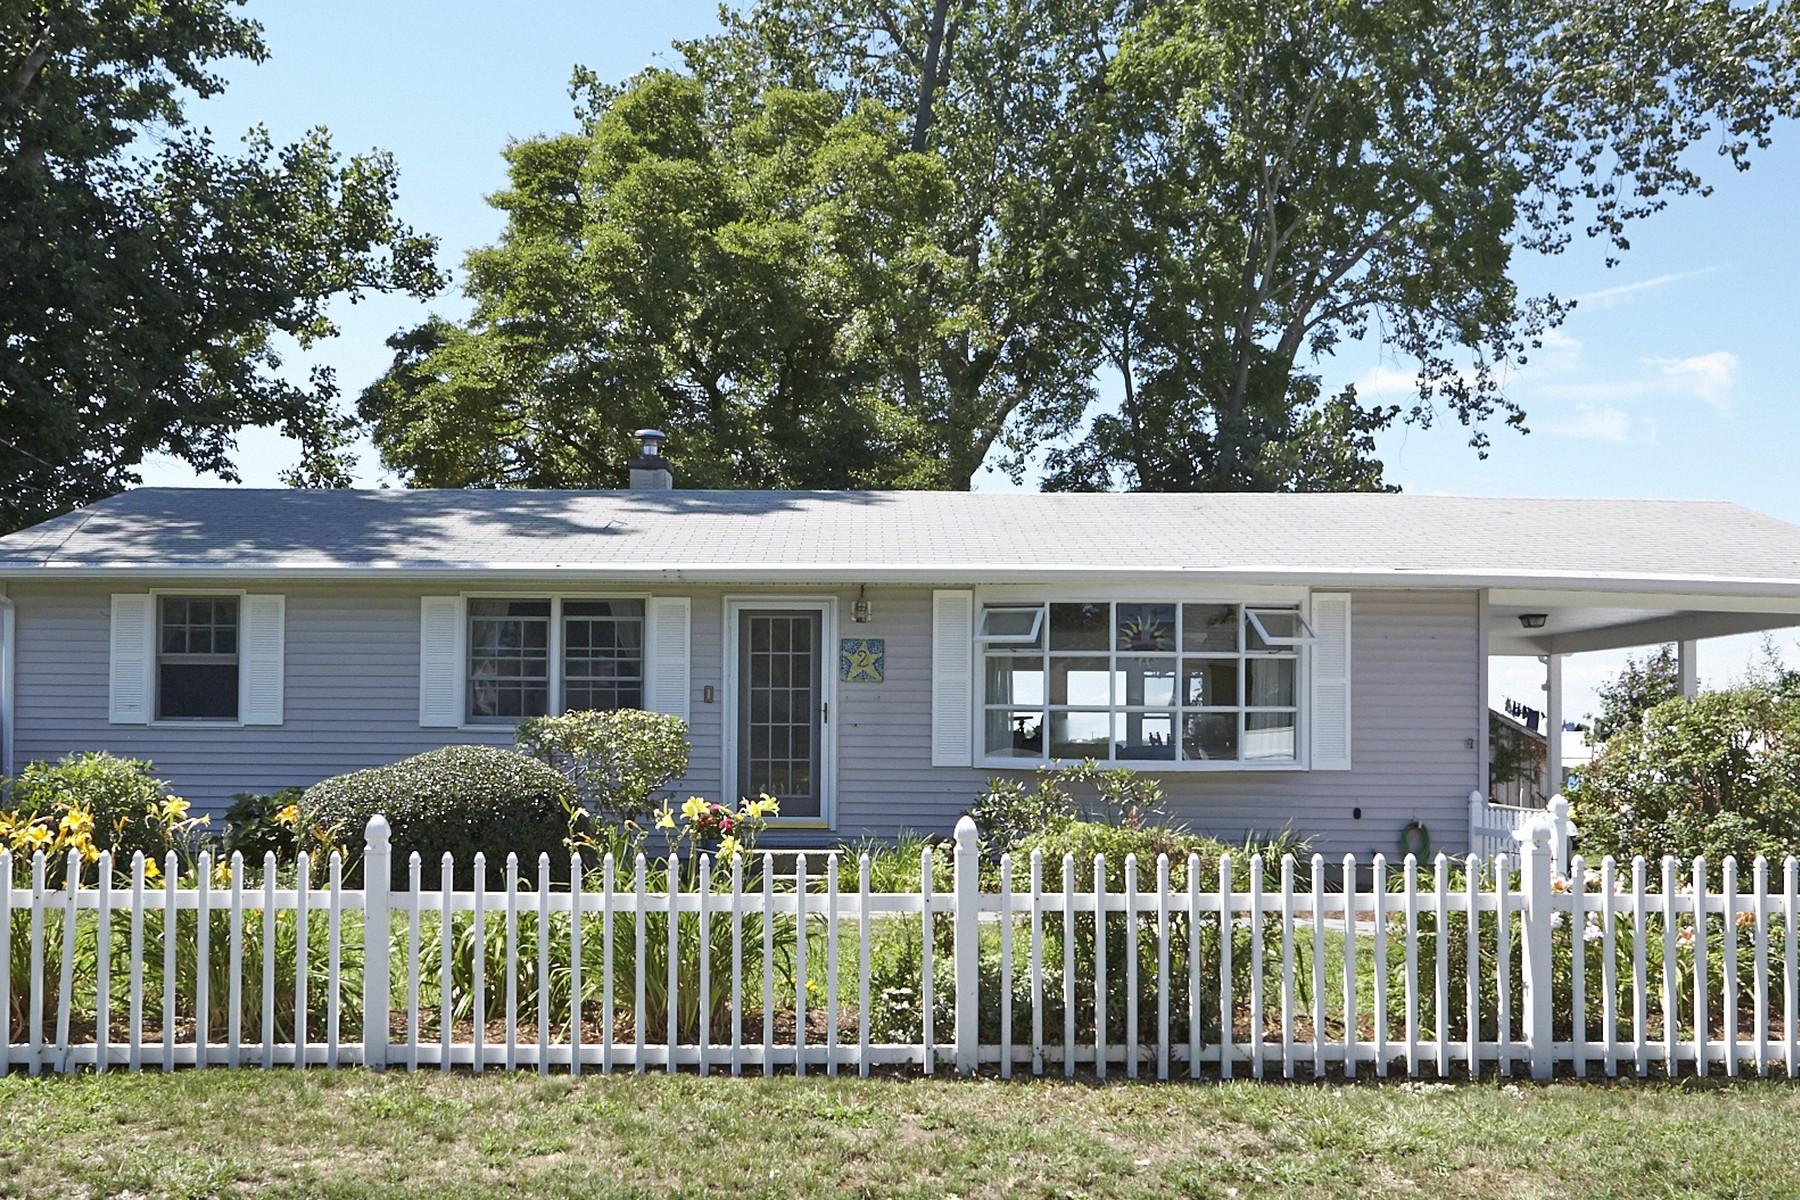 단독 가정 주택 용 매매 에 Bright & Airy Home with Amazing View! 2 Salt Meadow Lane Old Saybrook, 코네티컷, 06475 미국